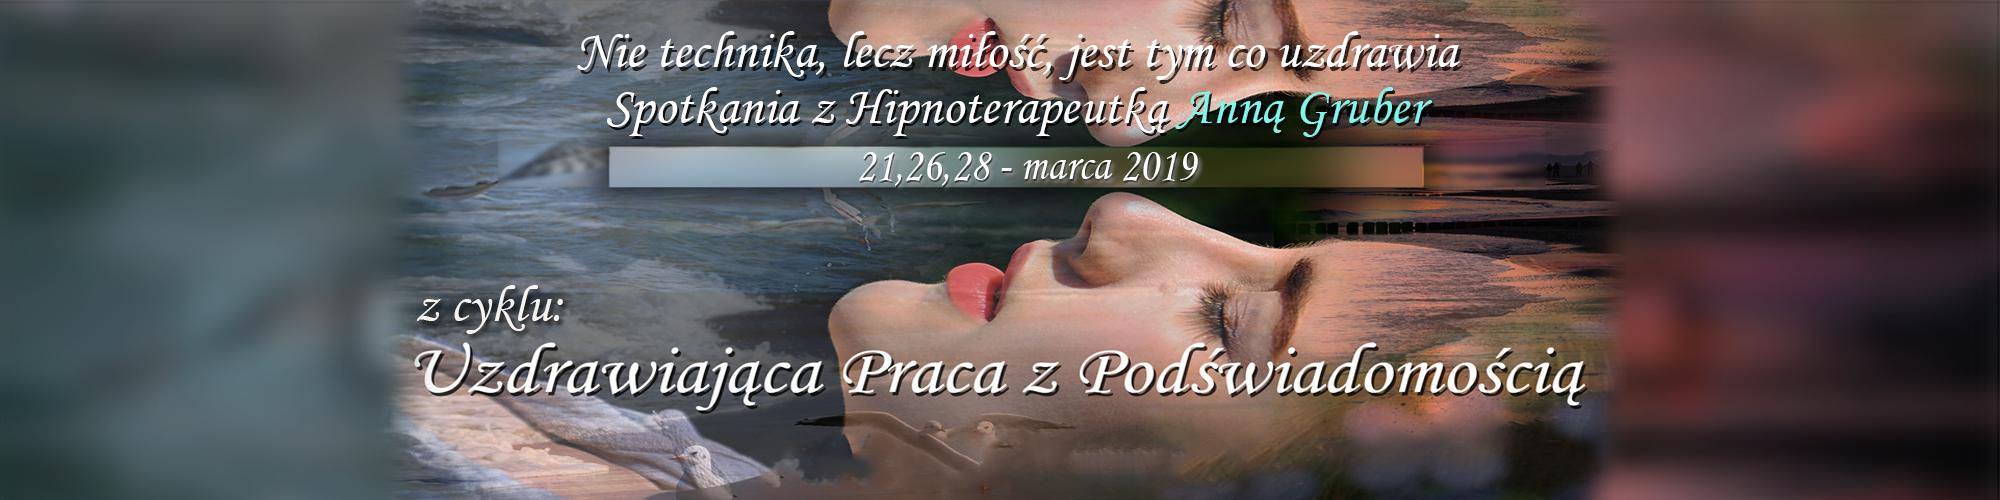 podswiadomosc5-banner